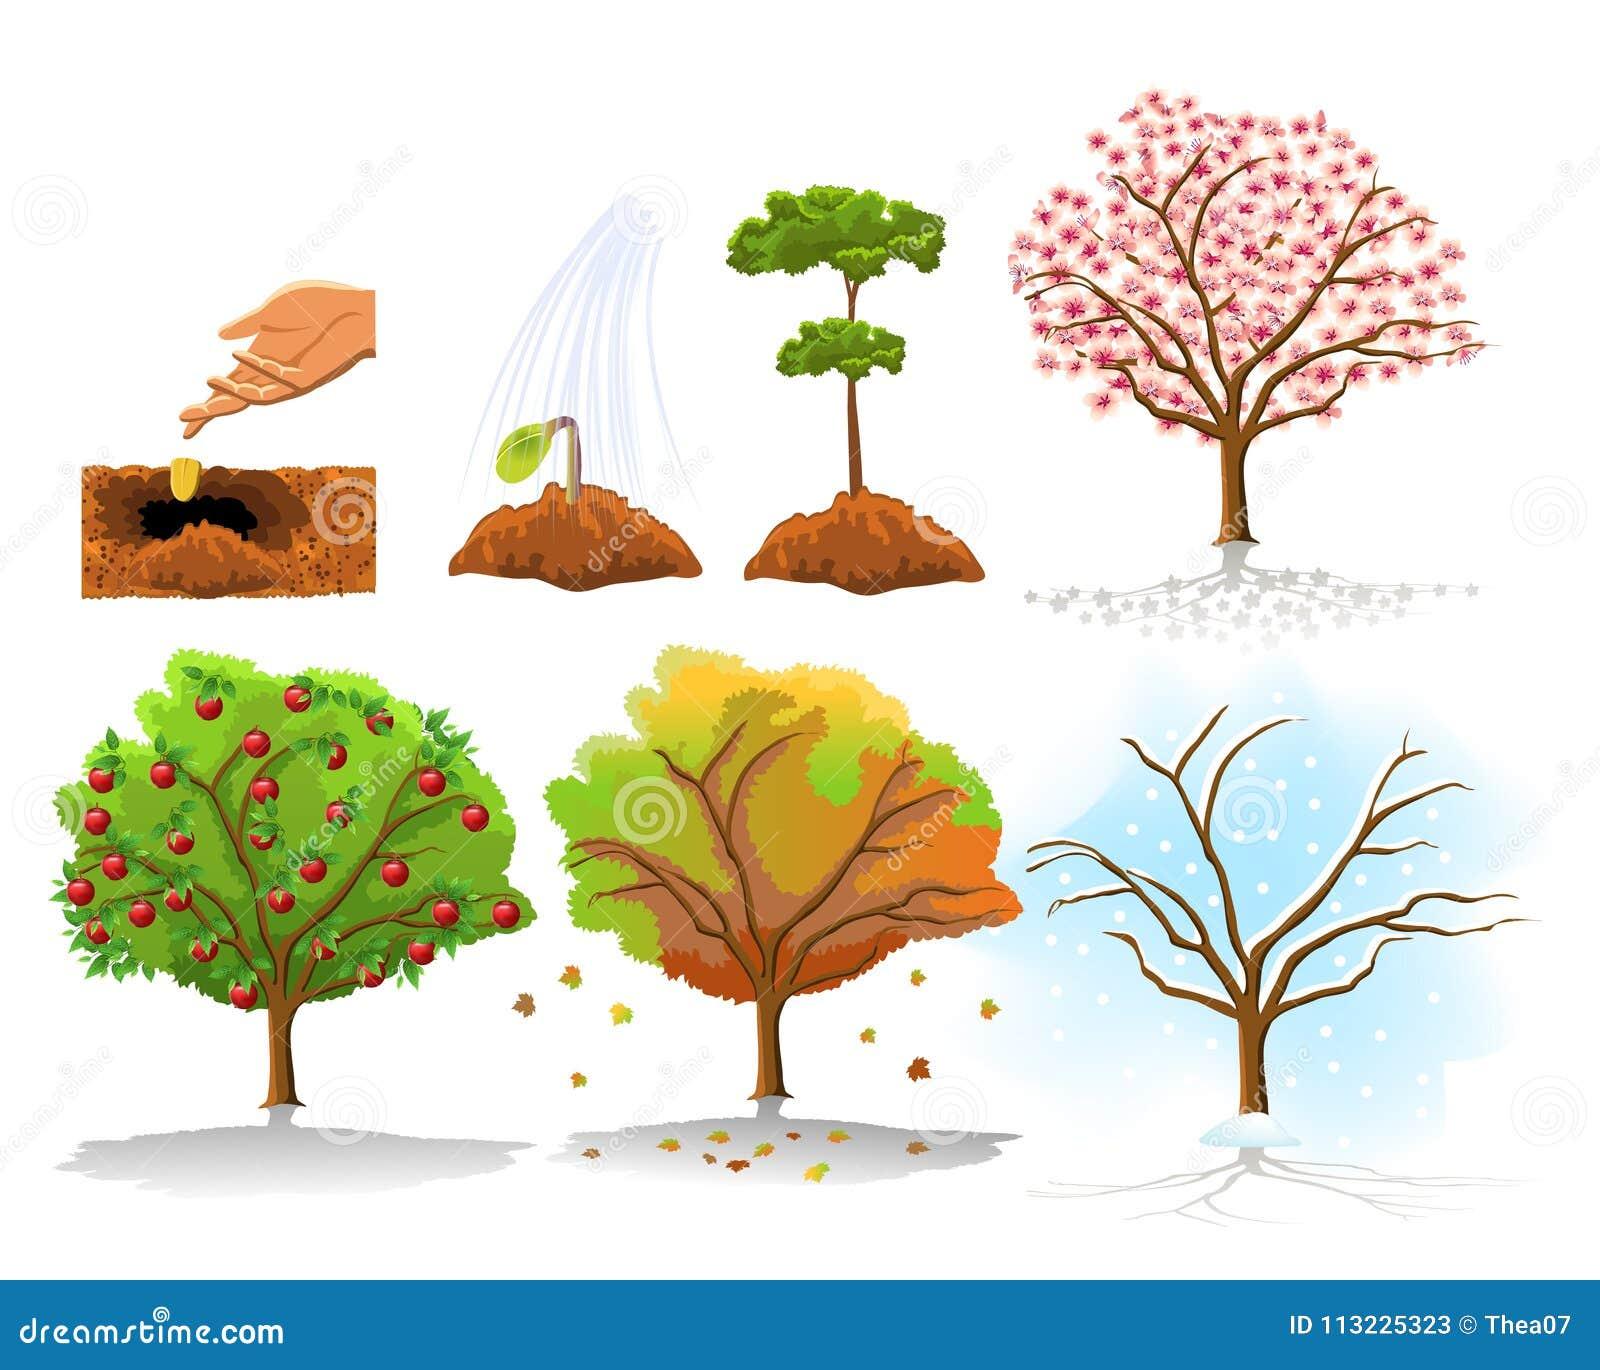 苹果树成长过程图片_苹果树种植和在四个季节的生长阶段的例证 向量例证. 插画 包括 ...